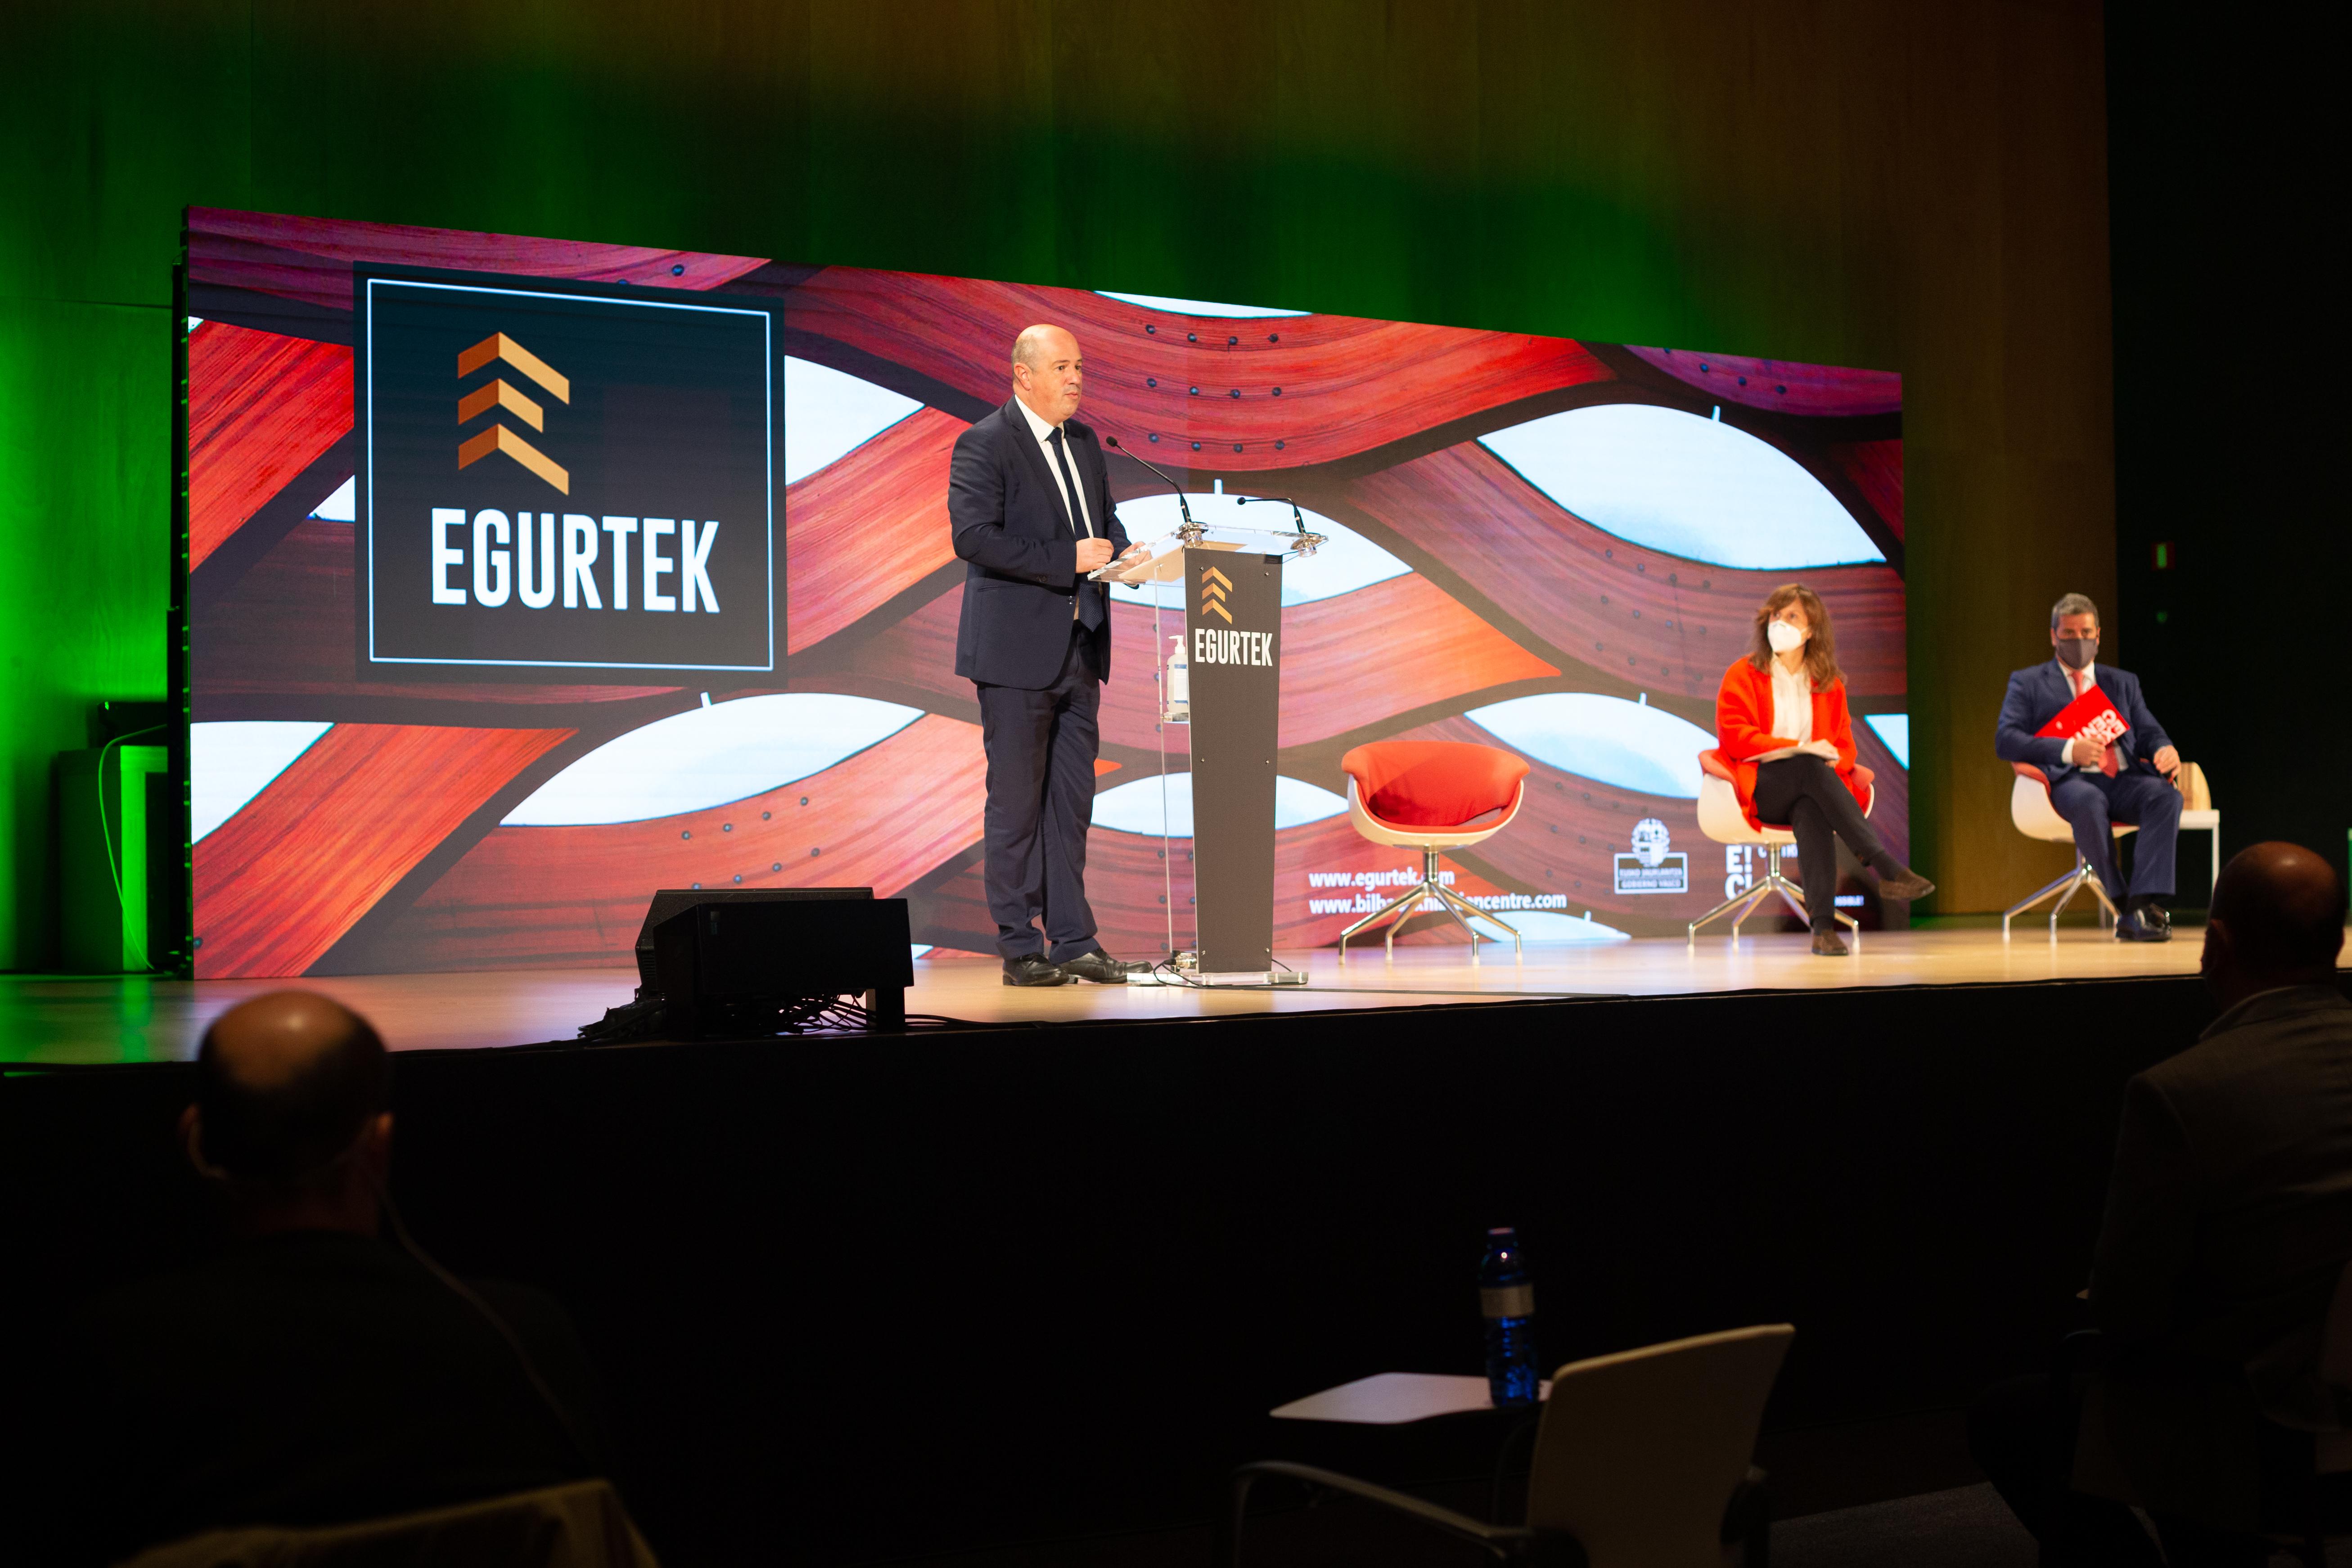 EGURTEK_2020_11.jpg